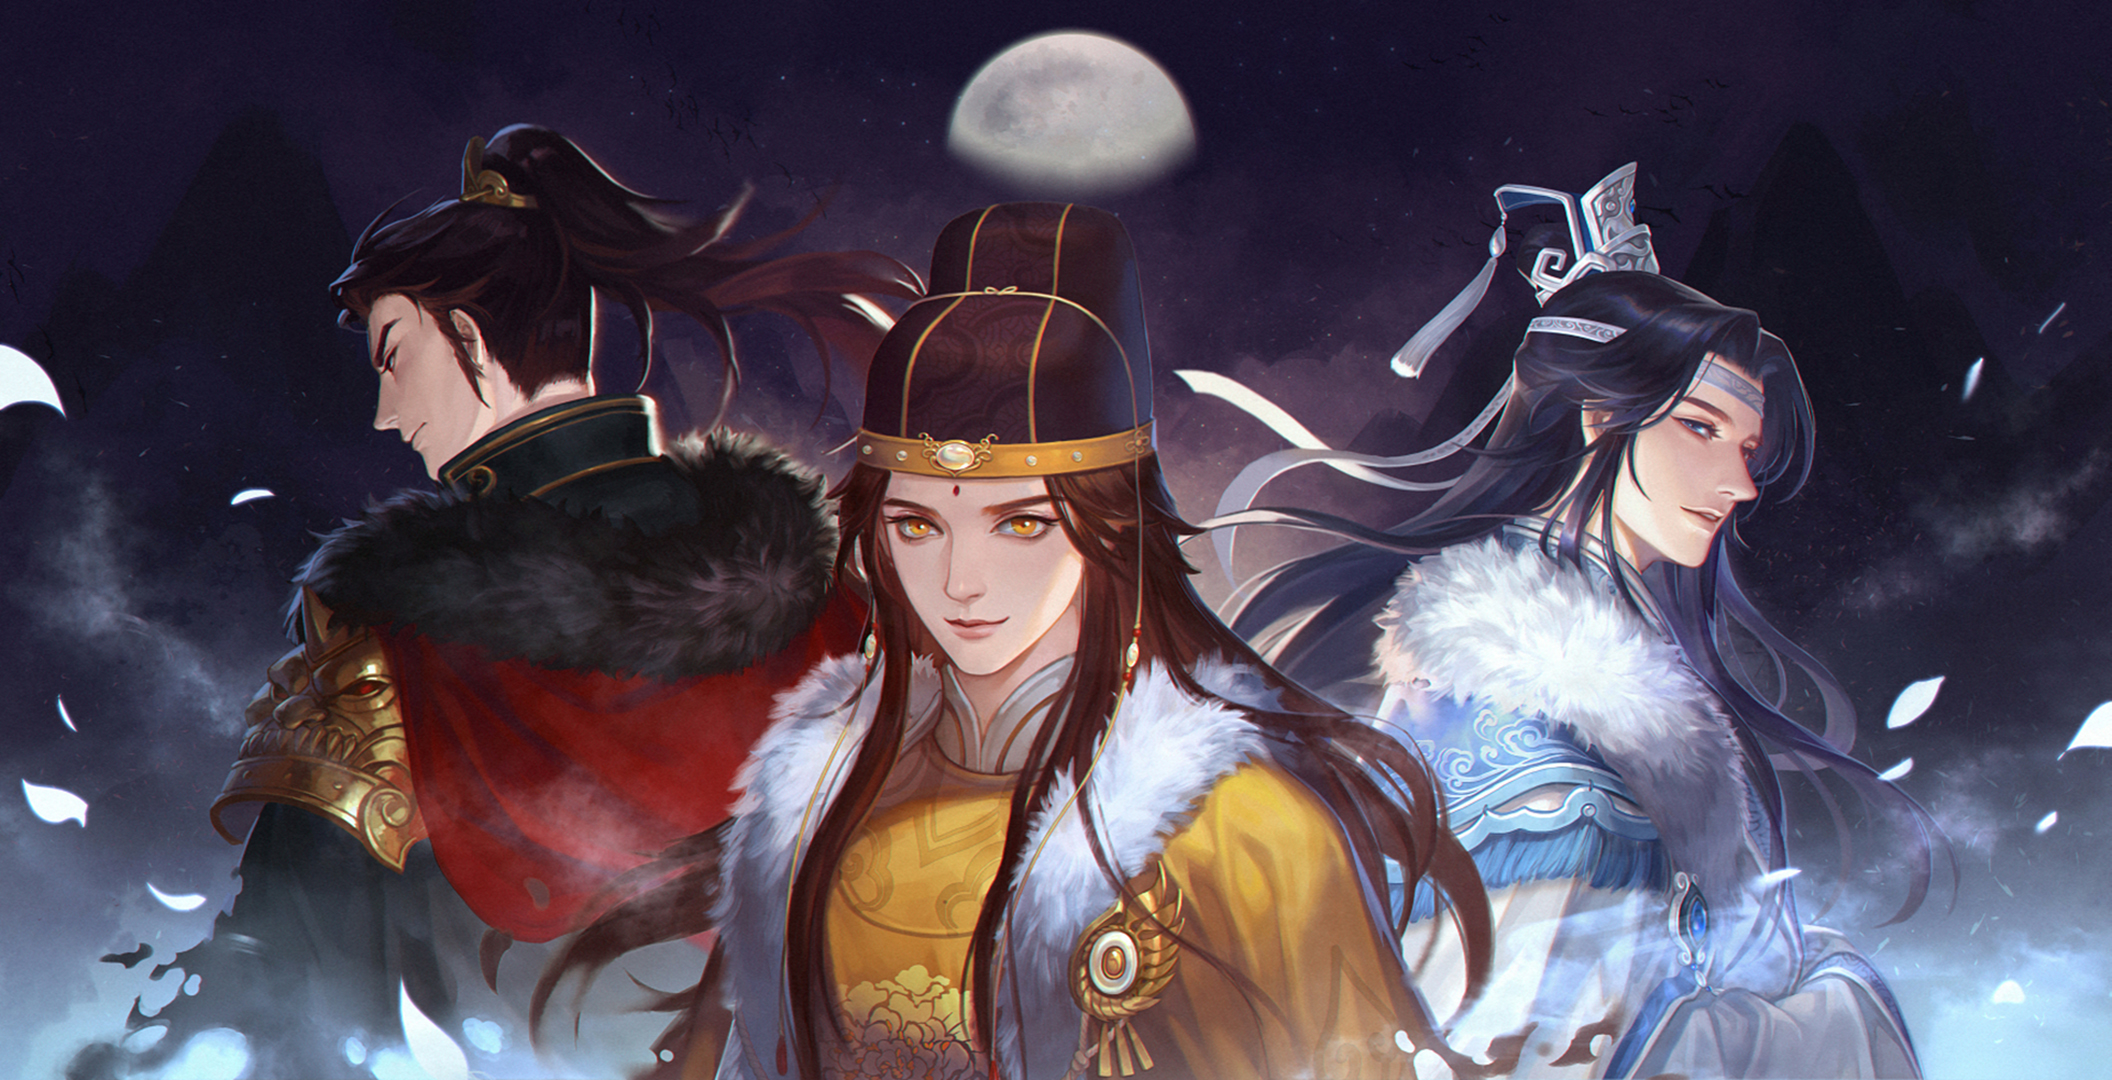 Mo Dao Zu Shi HD Wallpaper | Background Image | 2112x1080 ...